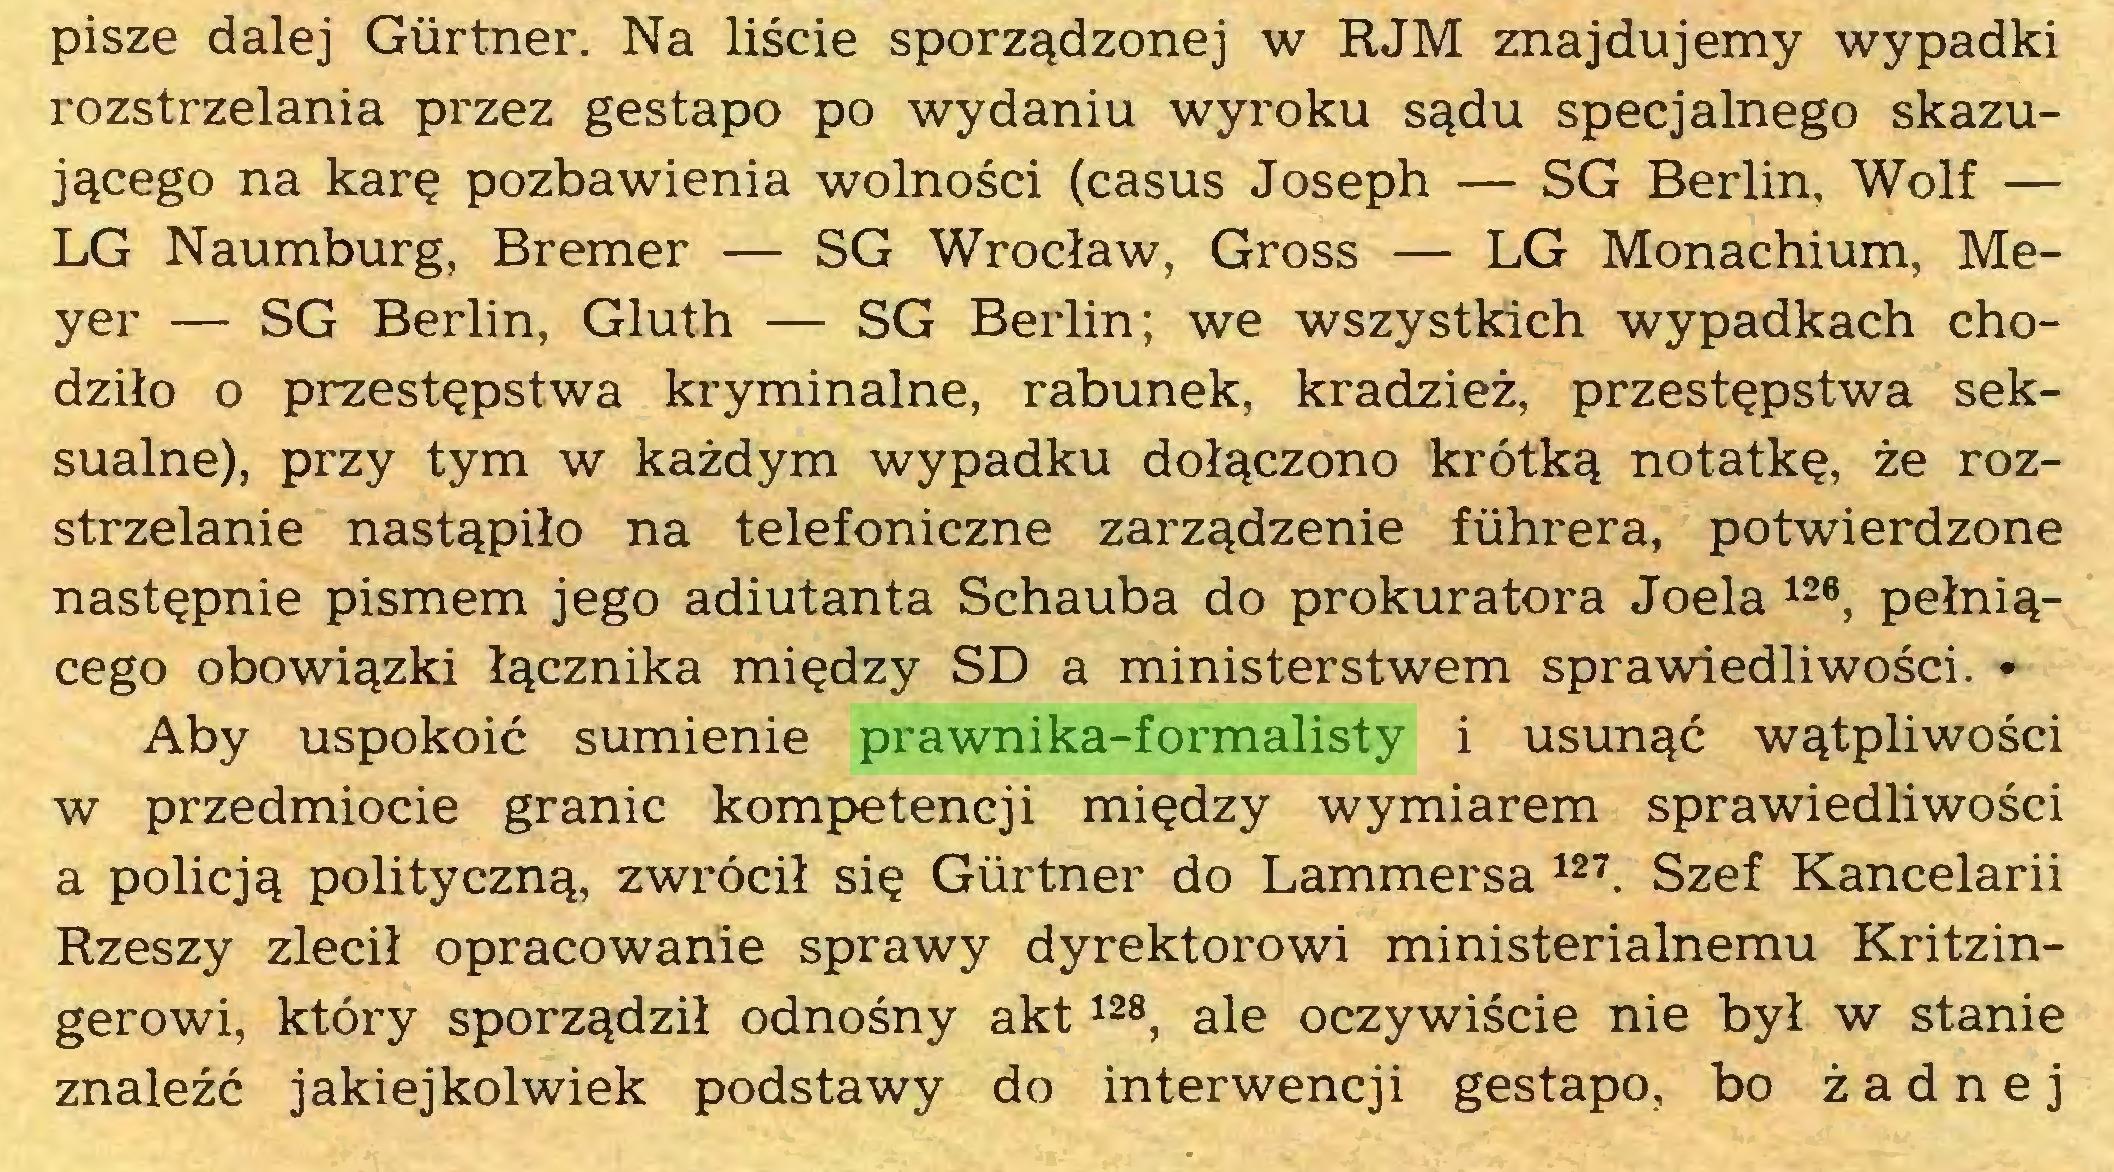 (...) pisze dalej Gürtner. Na liscie sporz^dzonej w RJM znajdujemy wypadki rozstrzelania przez gestapo po wydaniu wyroku s^du specjalnego skazuj^cego na kare pozbawienia wolnosci (casus Joseph — SG Berlin, Wolf — LG Naumburg, Bremer — SG Wroclaw, Gross — LG Monachium, Meyer — SG Berlin, Gluth — SG Berlin; we wszystkich wypadkach chodzilo o przest^pstwa kryminalne, rabunek, kradziez, przestepstwa seksualne), przy tym w kazdym wypadku dol^czono krötkq notatkQ, ze rozstrzelanie nast^pilo na telefoniczne zarz^dzenie führera, potwierdzone nast^pnie pismem jego adiutanta Schauba do prokuratora Joela 126, pelni^cego obowi^zki l^cznika mi^dzy SD a ministerstwem sprawiedliwosci. • Aby uspokoic sumienie prawnika-formalisty i usun^c w^tpliwosci w przedmiocie granic kompetencji mi^dzy wymiarem sprawiedliwosci a policj^ politycznq, zwröcil si$ Gürtner do Lammersa 127. Szef Kancelarii Rzeszy zlecil opracowanie sprawy dyrektorowi ministerialnemu Kritzingerowi, ktöry sporzqdzil odnosny akt128, ale oczywiscie nie byl w stanie znalezc jakiejkolwiek podstawy do interwencji gestapo, bo zadne j...